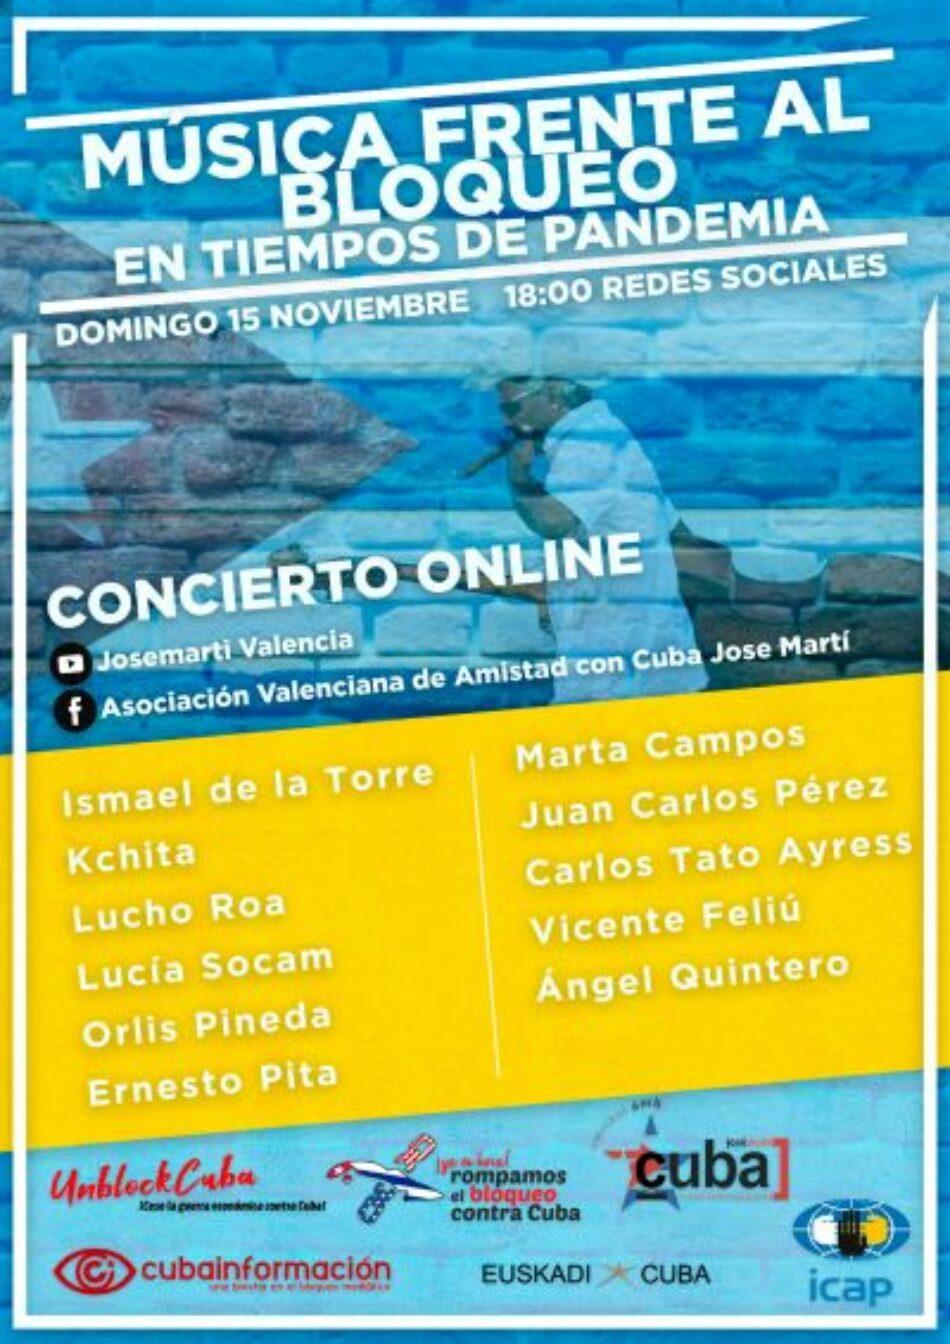 Música frente al bloqueo en tiempos de pandemia: concierto on line despedirá campaña «100 voces contra el bloqueo», 15 de noviembre